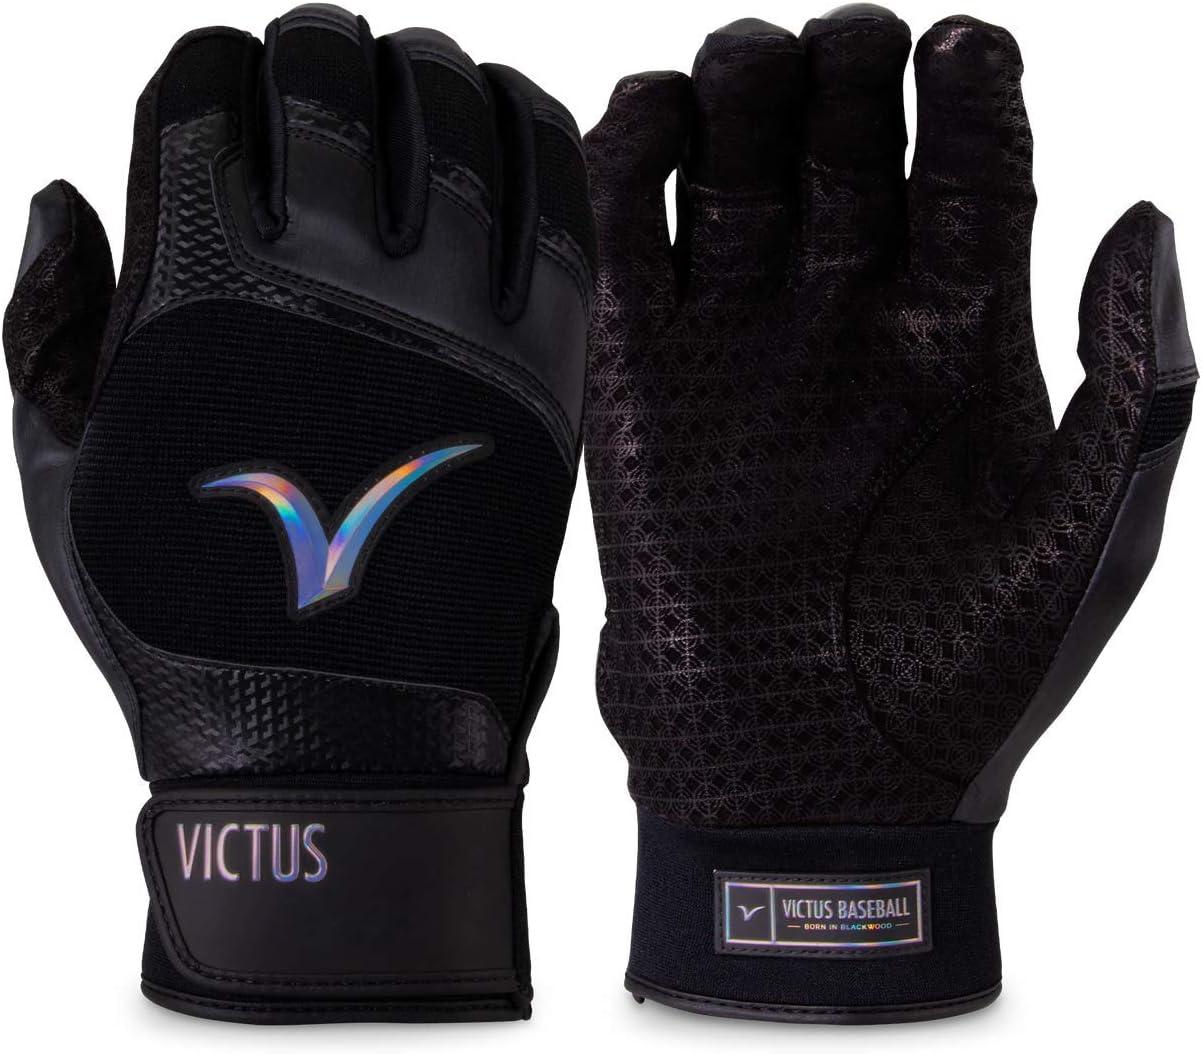 Victus Debut 2.0 Adult Batting Gloves